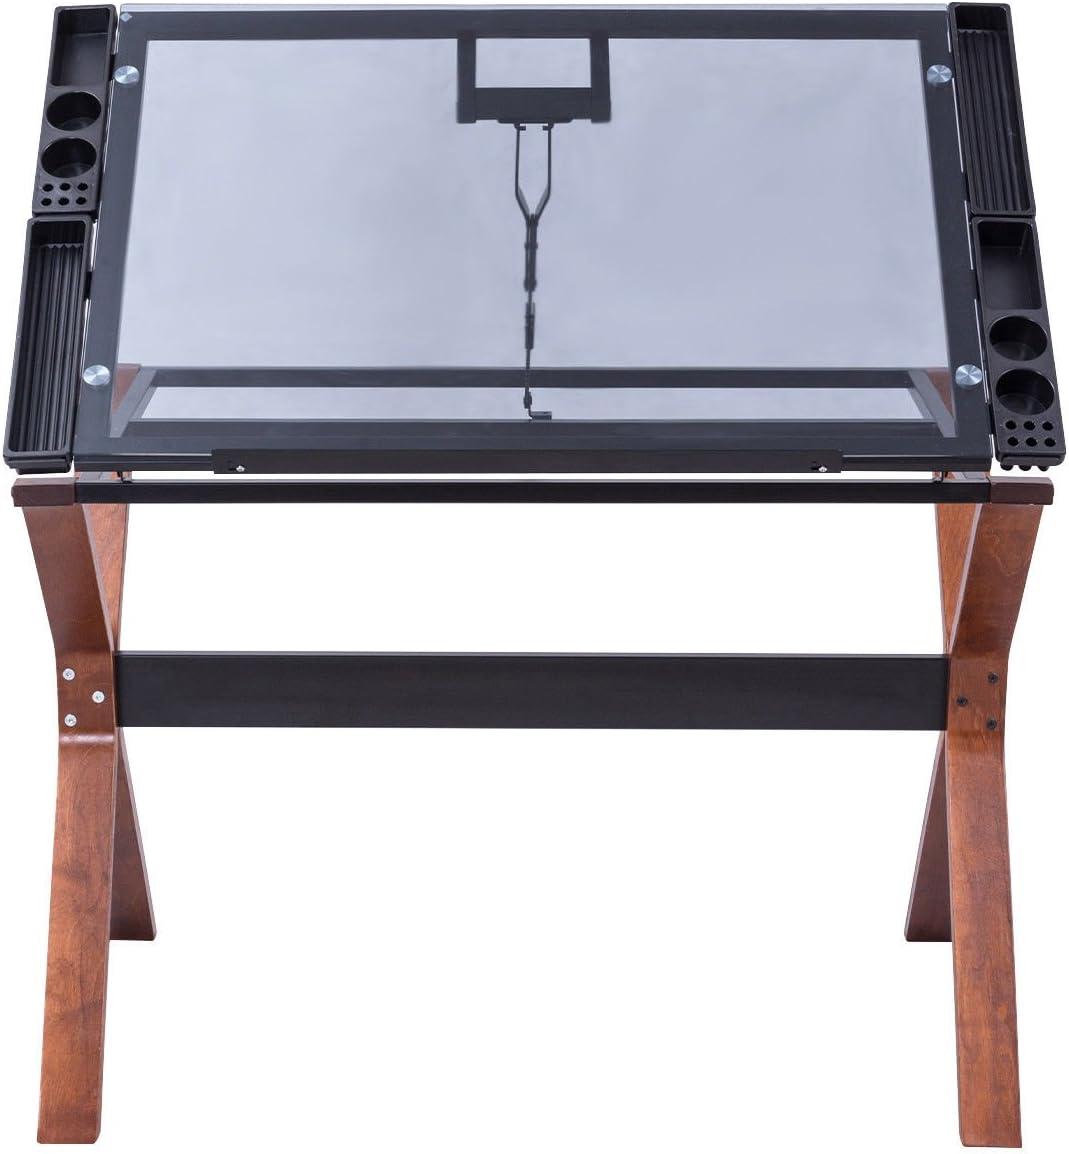 Madera Ajustable mesa de dibujo dibujo para capacidad 110 Lbs W/tapa de cristal: Amazon.es: Juguetes y juegos